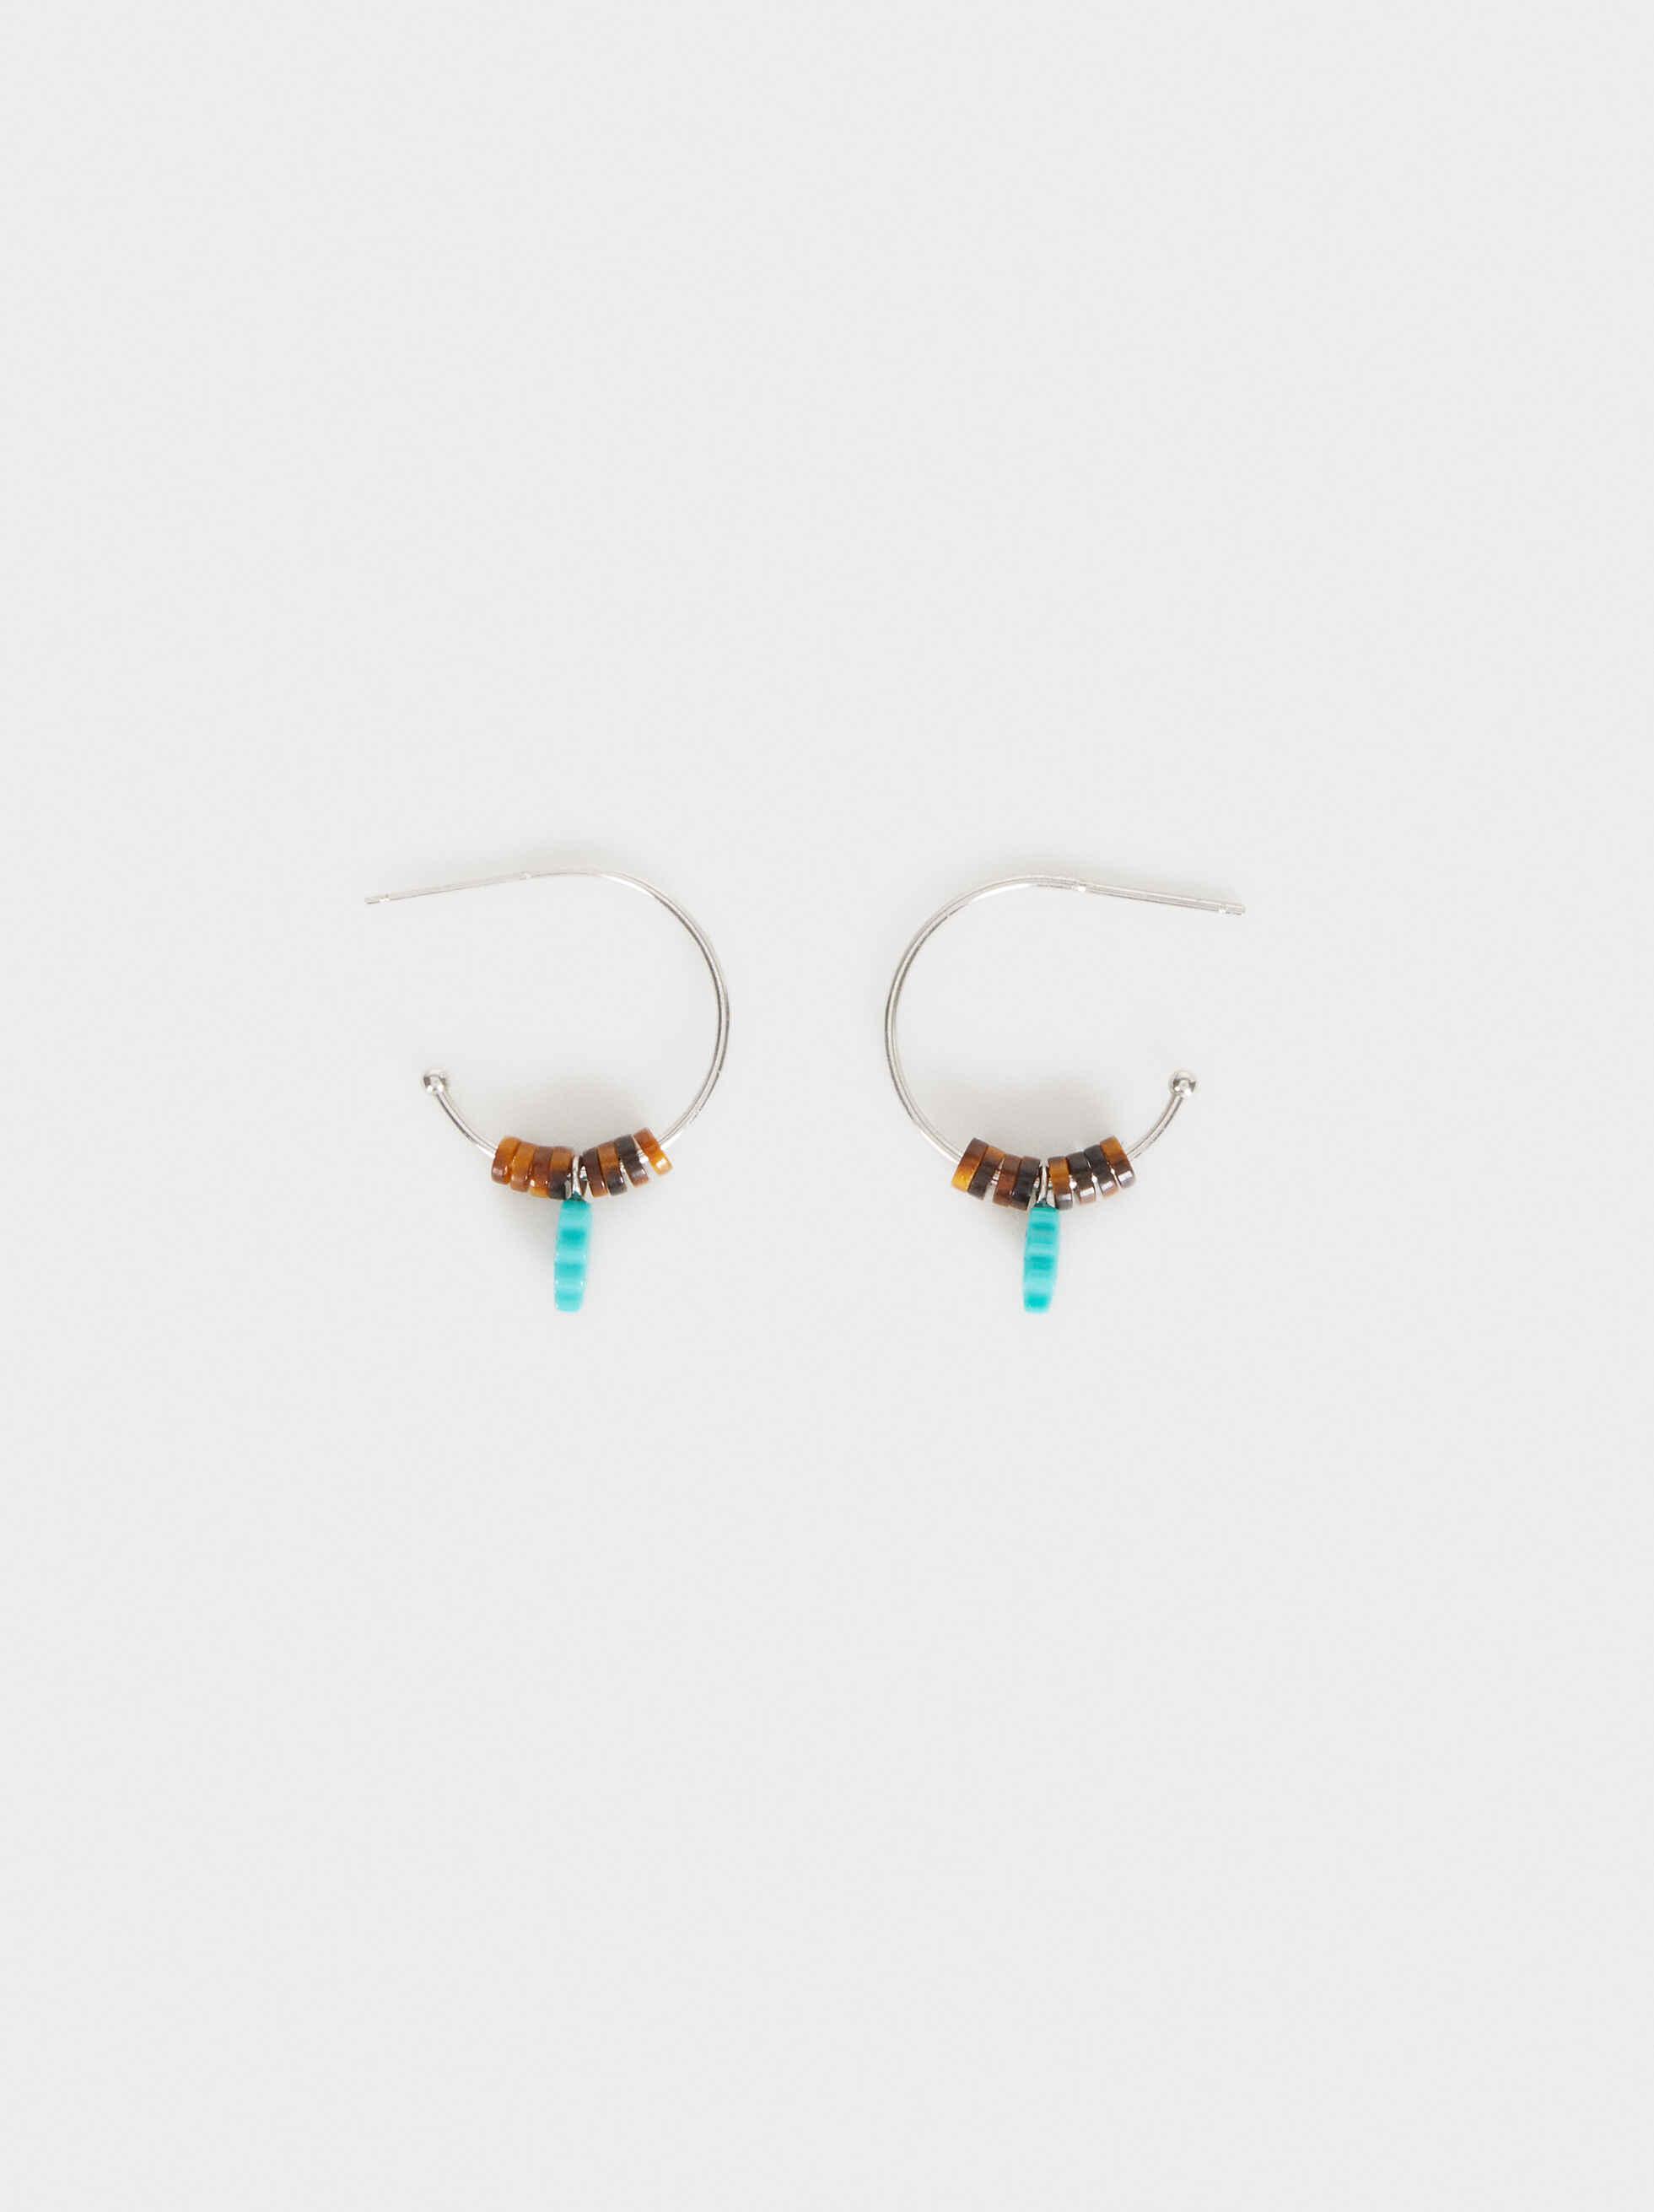 925 Silver Small Beaded Hoop Earrings, Beige, hi-res